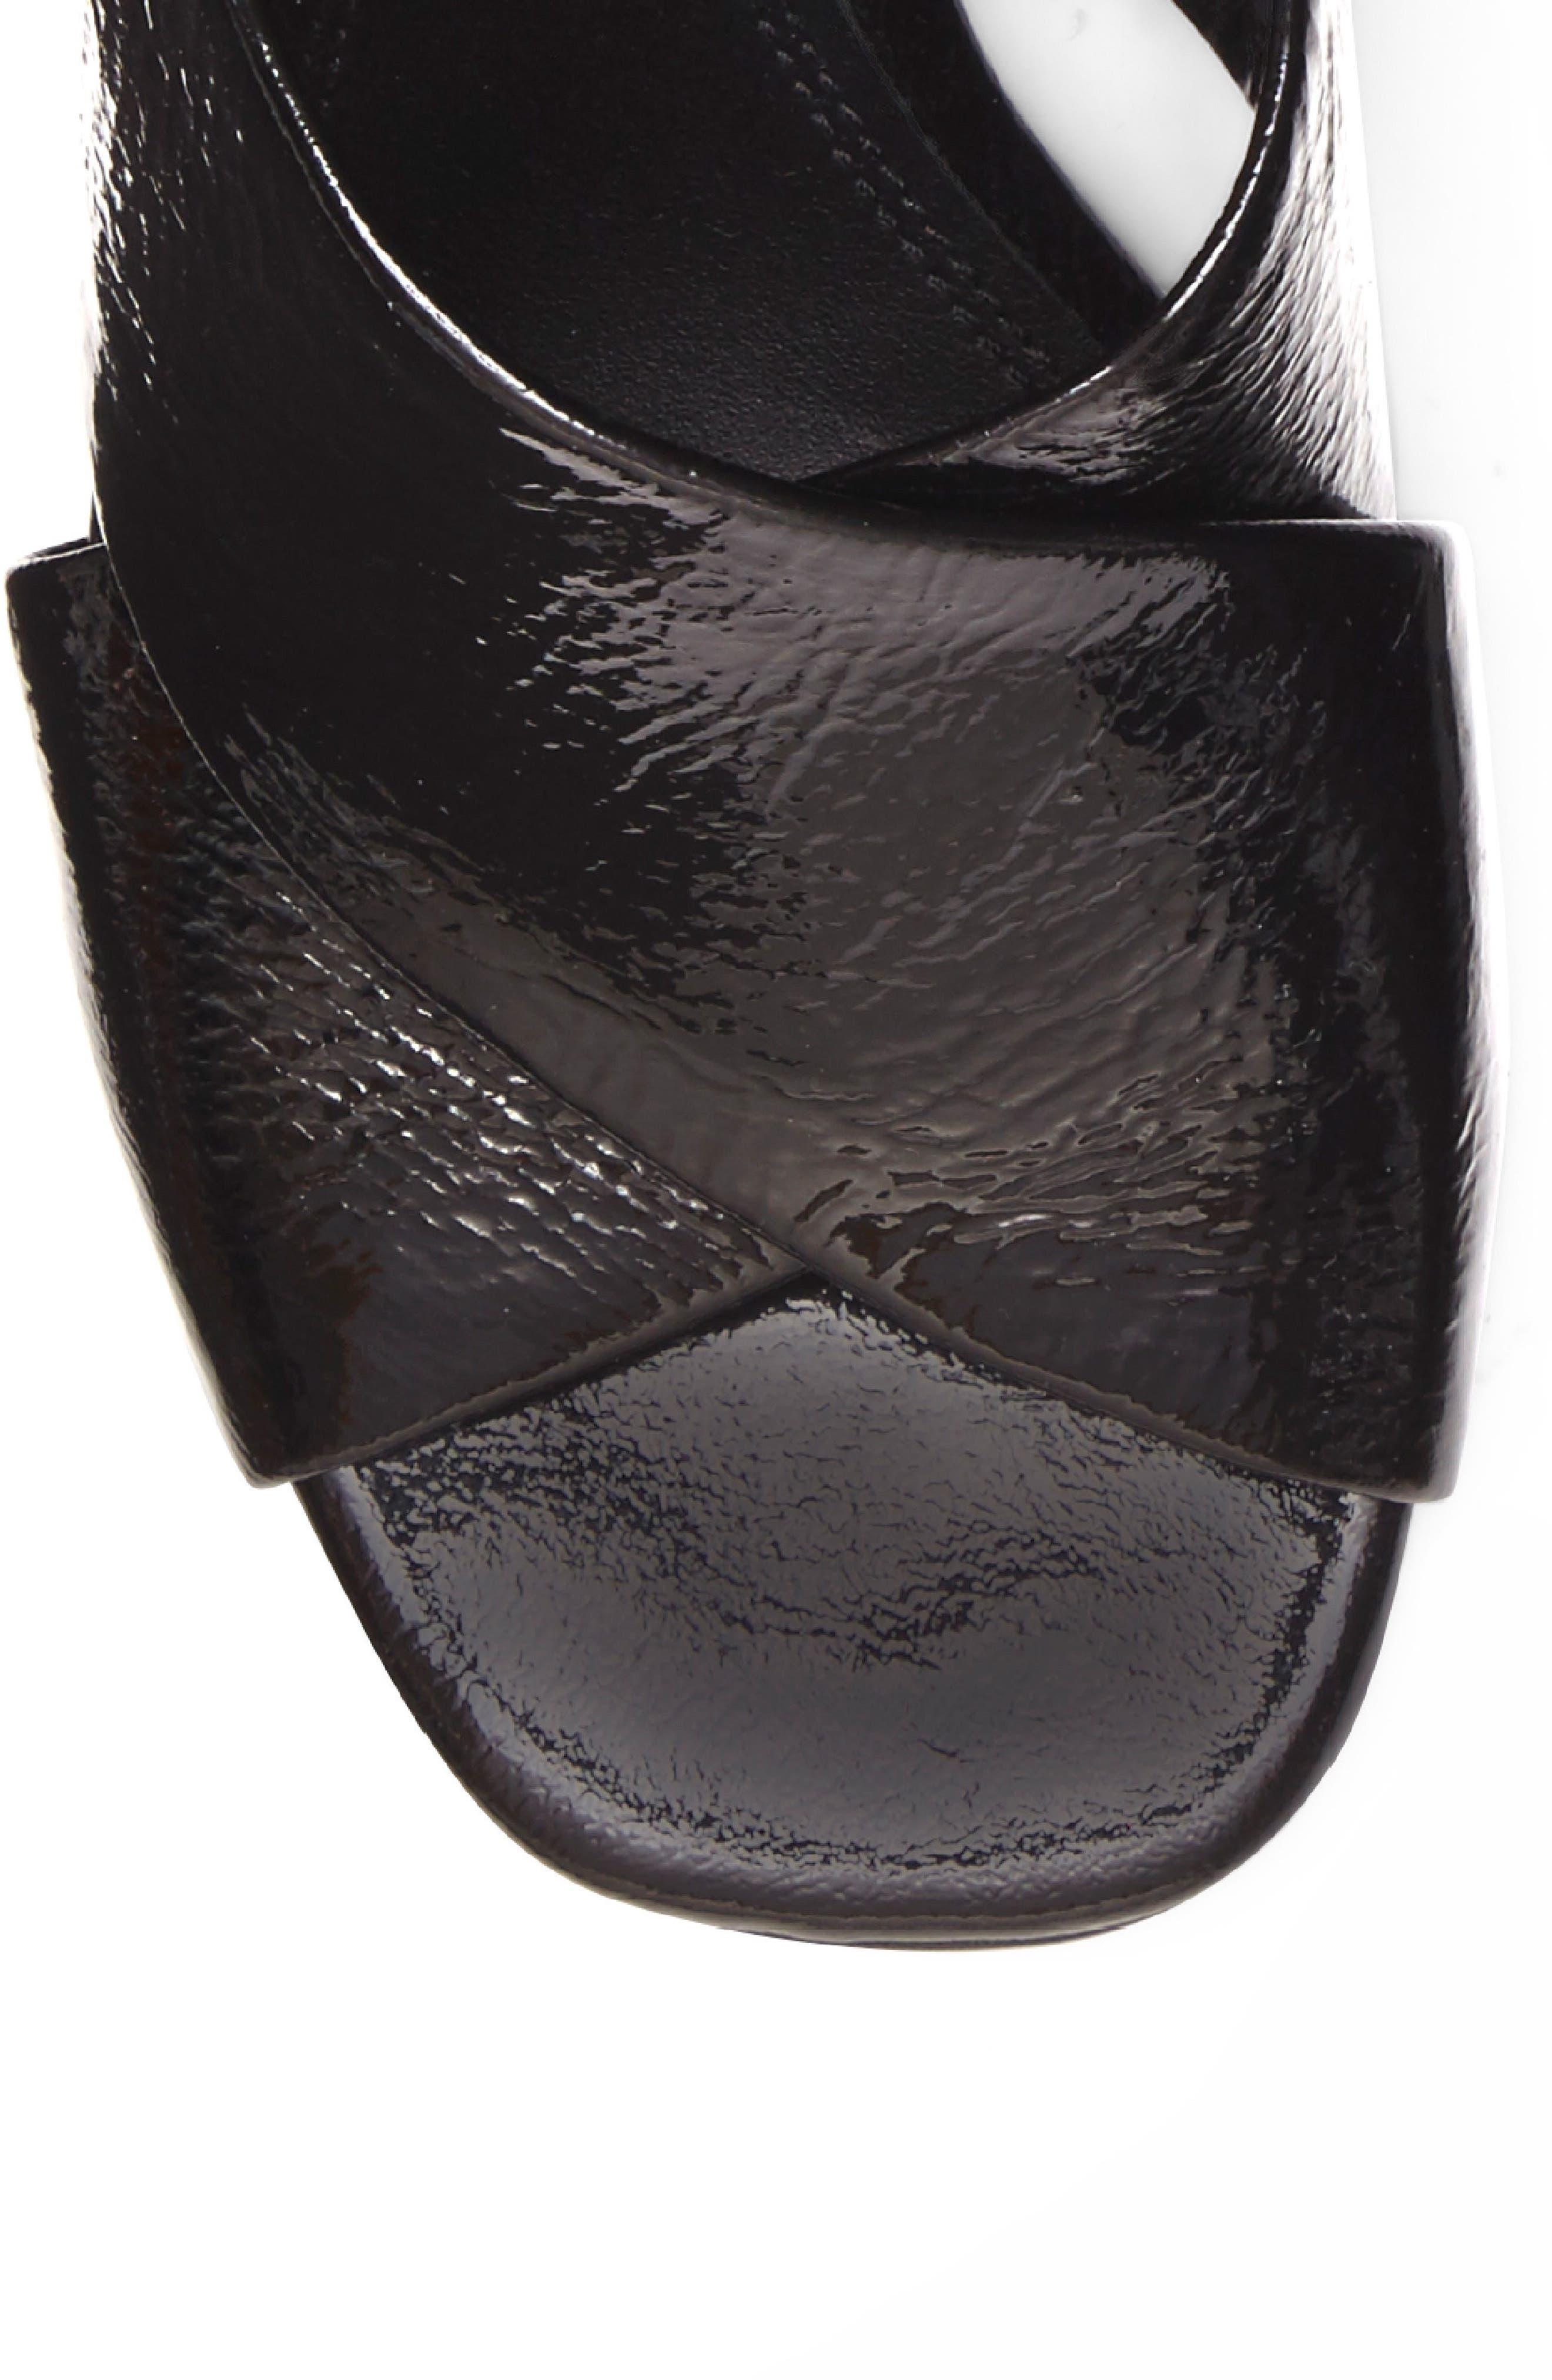 Lenilow Cross Strap Sandal,                             Alternate thumbnail 7, color,                             001